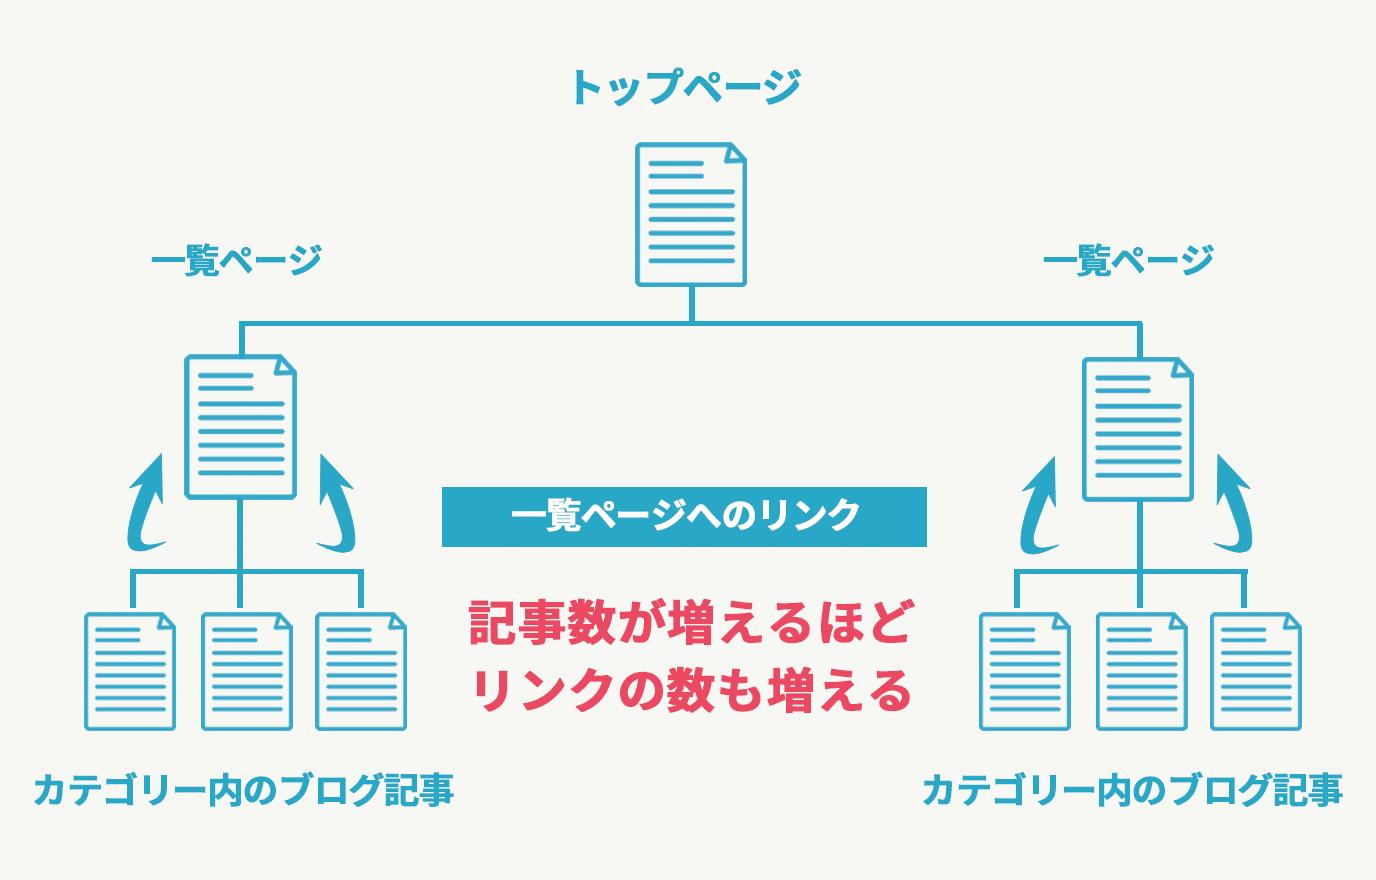 ホームページの階層構造イラスト